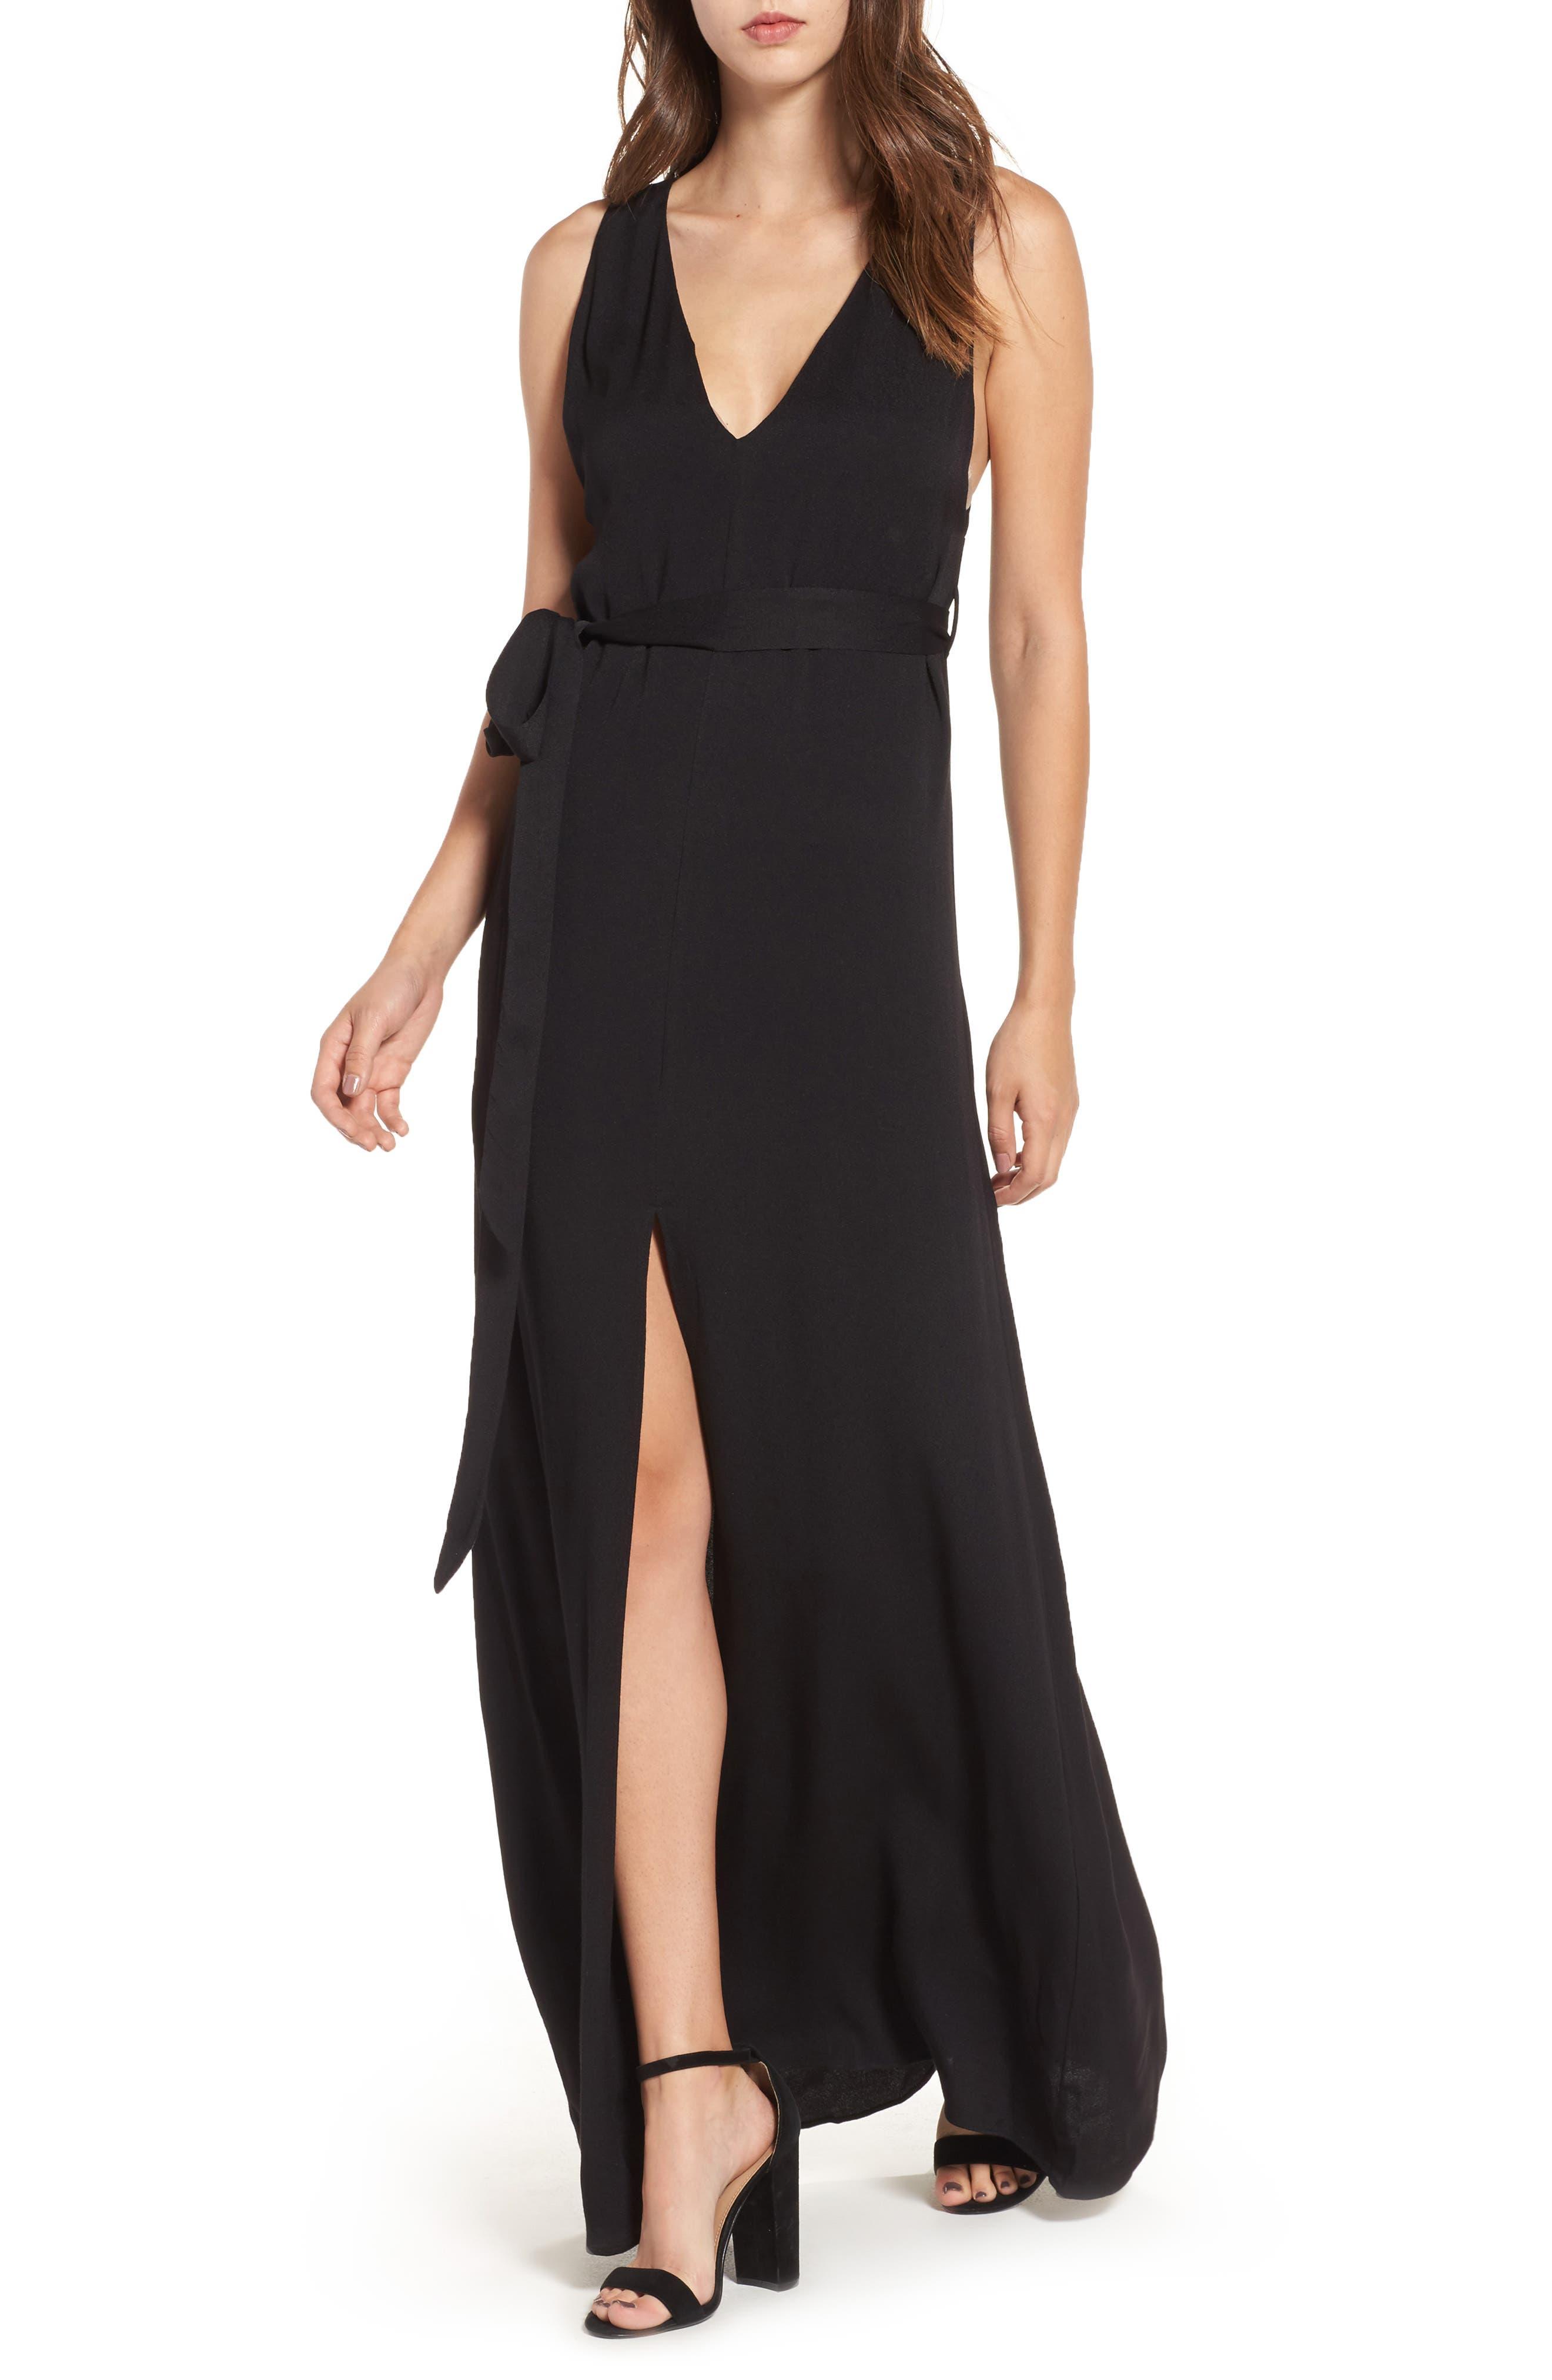 Rowan Maxi Dress,                             Main thumbnail 1, color,                             001